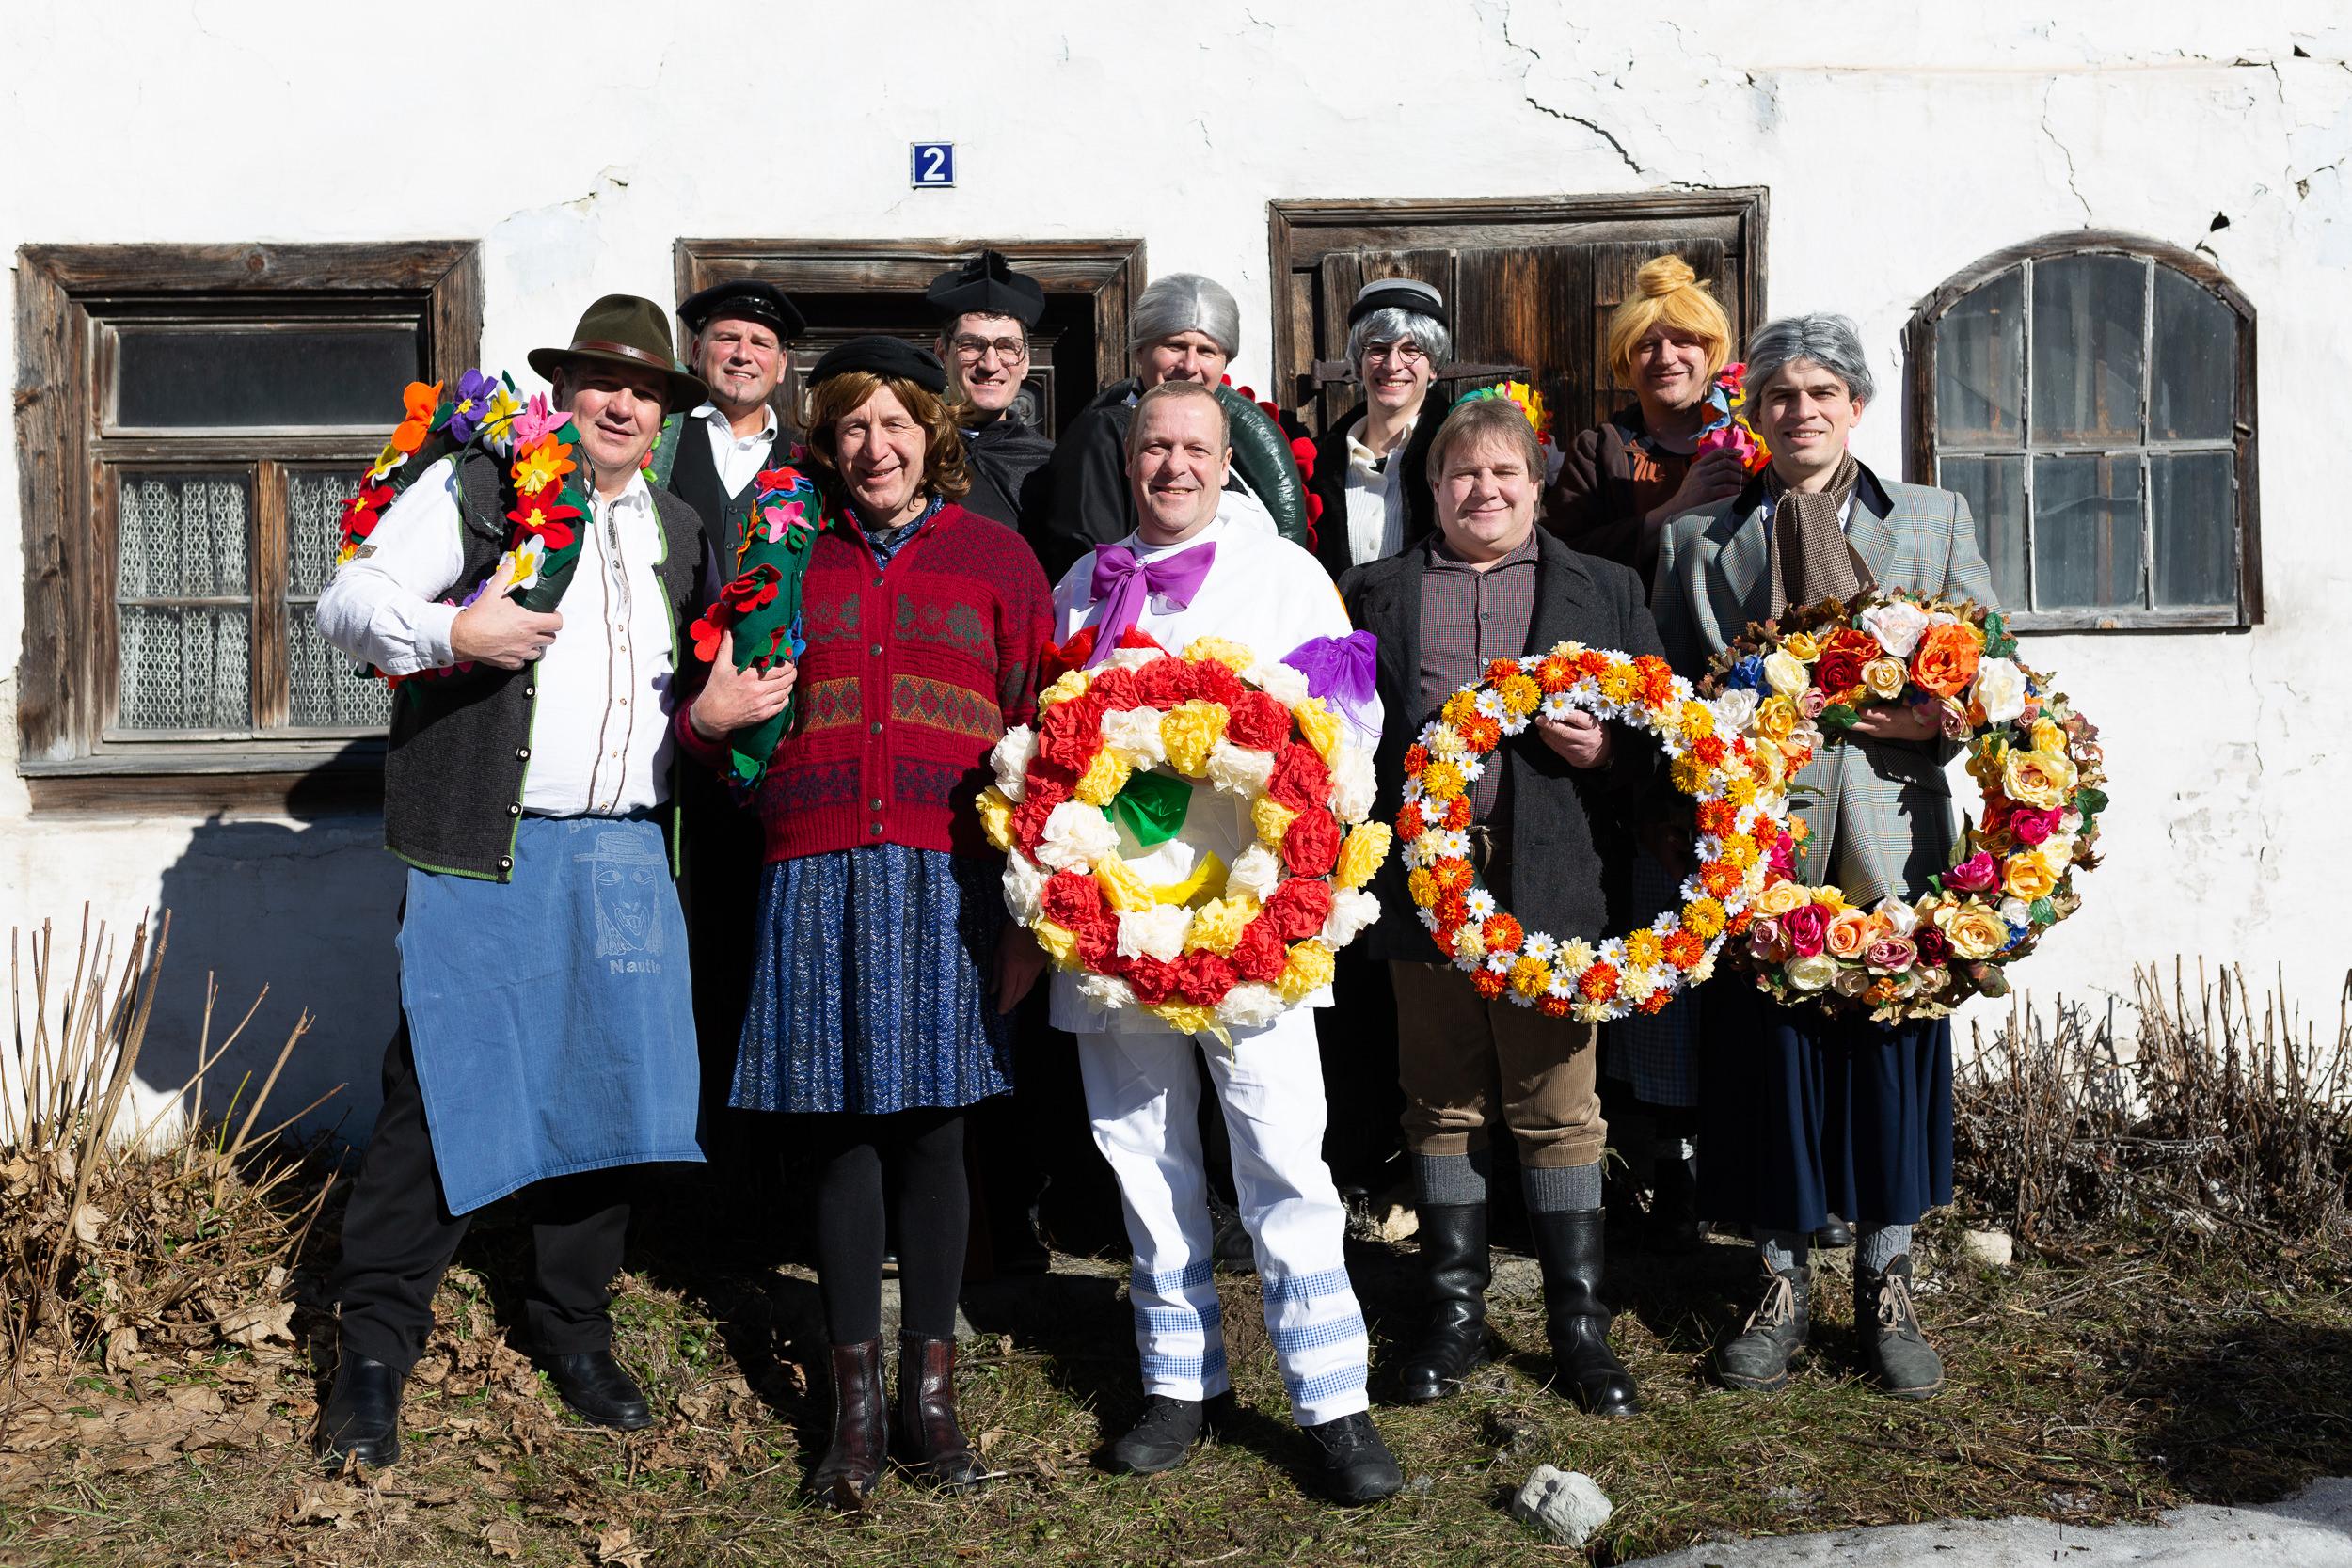 Die Schausteller des Burladinger Fasnetsspiels vor dem ältesten Haus des Ortes.